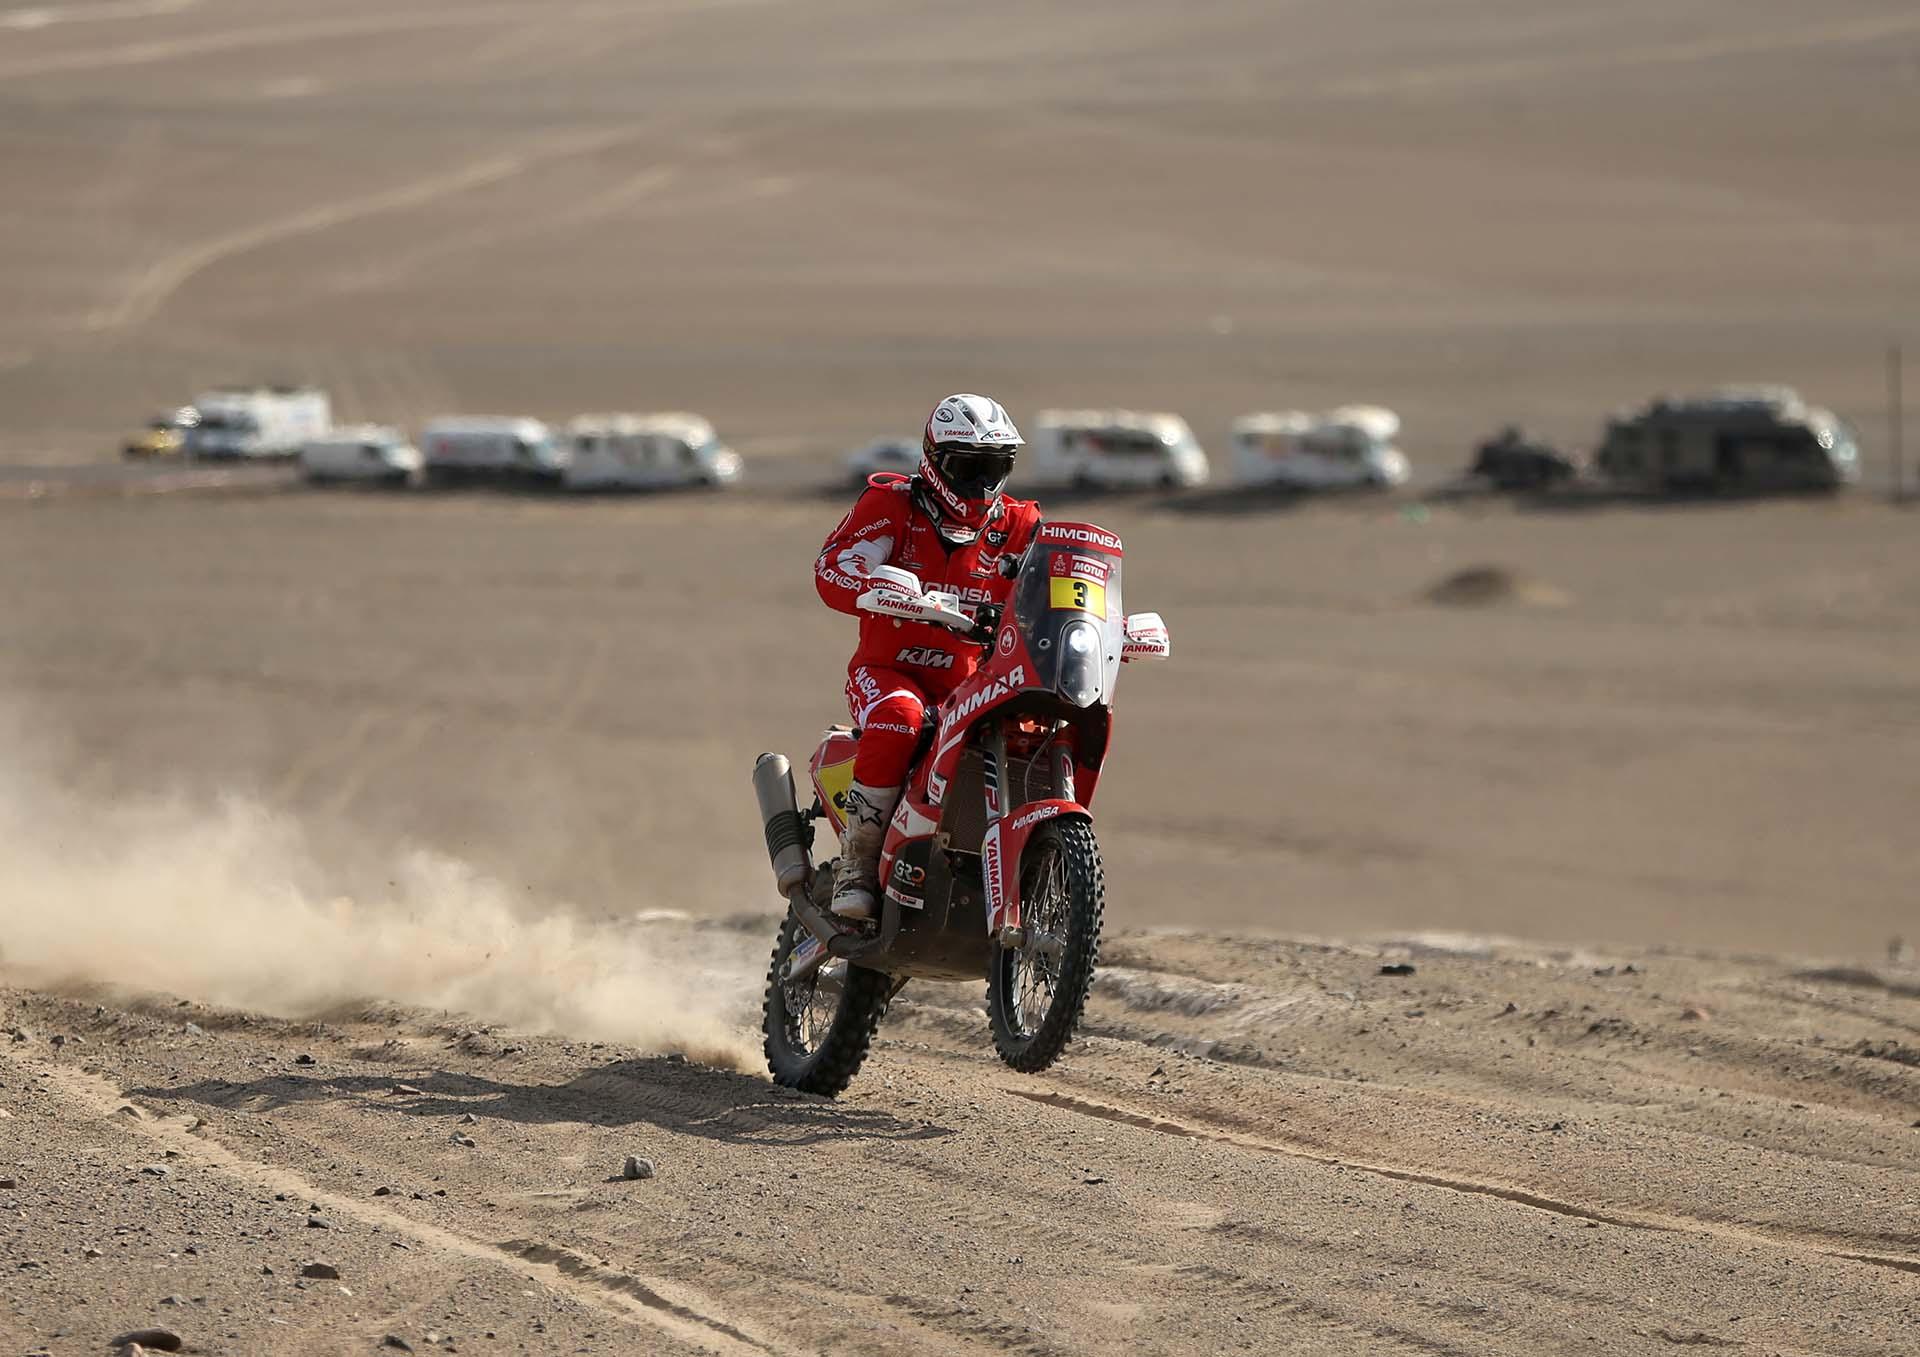 El piloto español Gerard Farres Guell compite durante la quinta etapa del Rally Dakar 2018